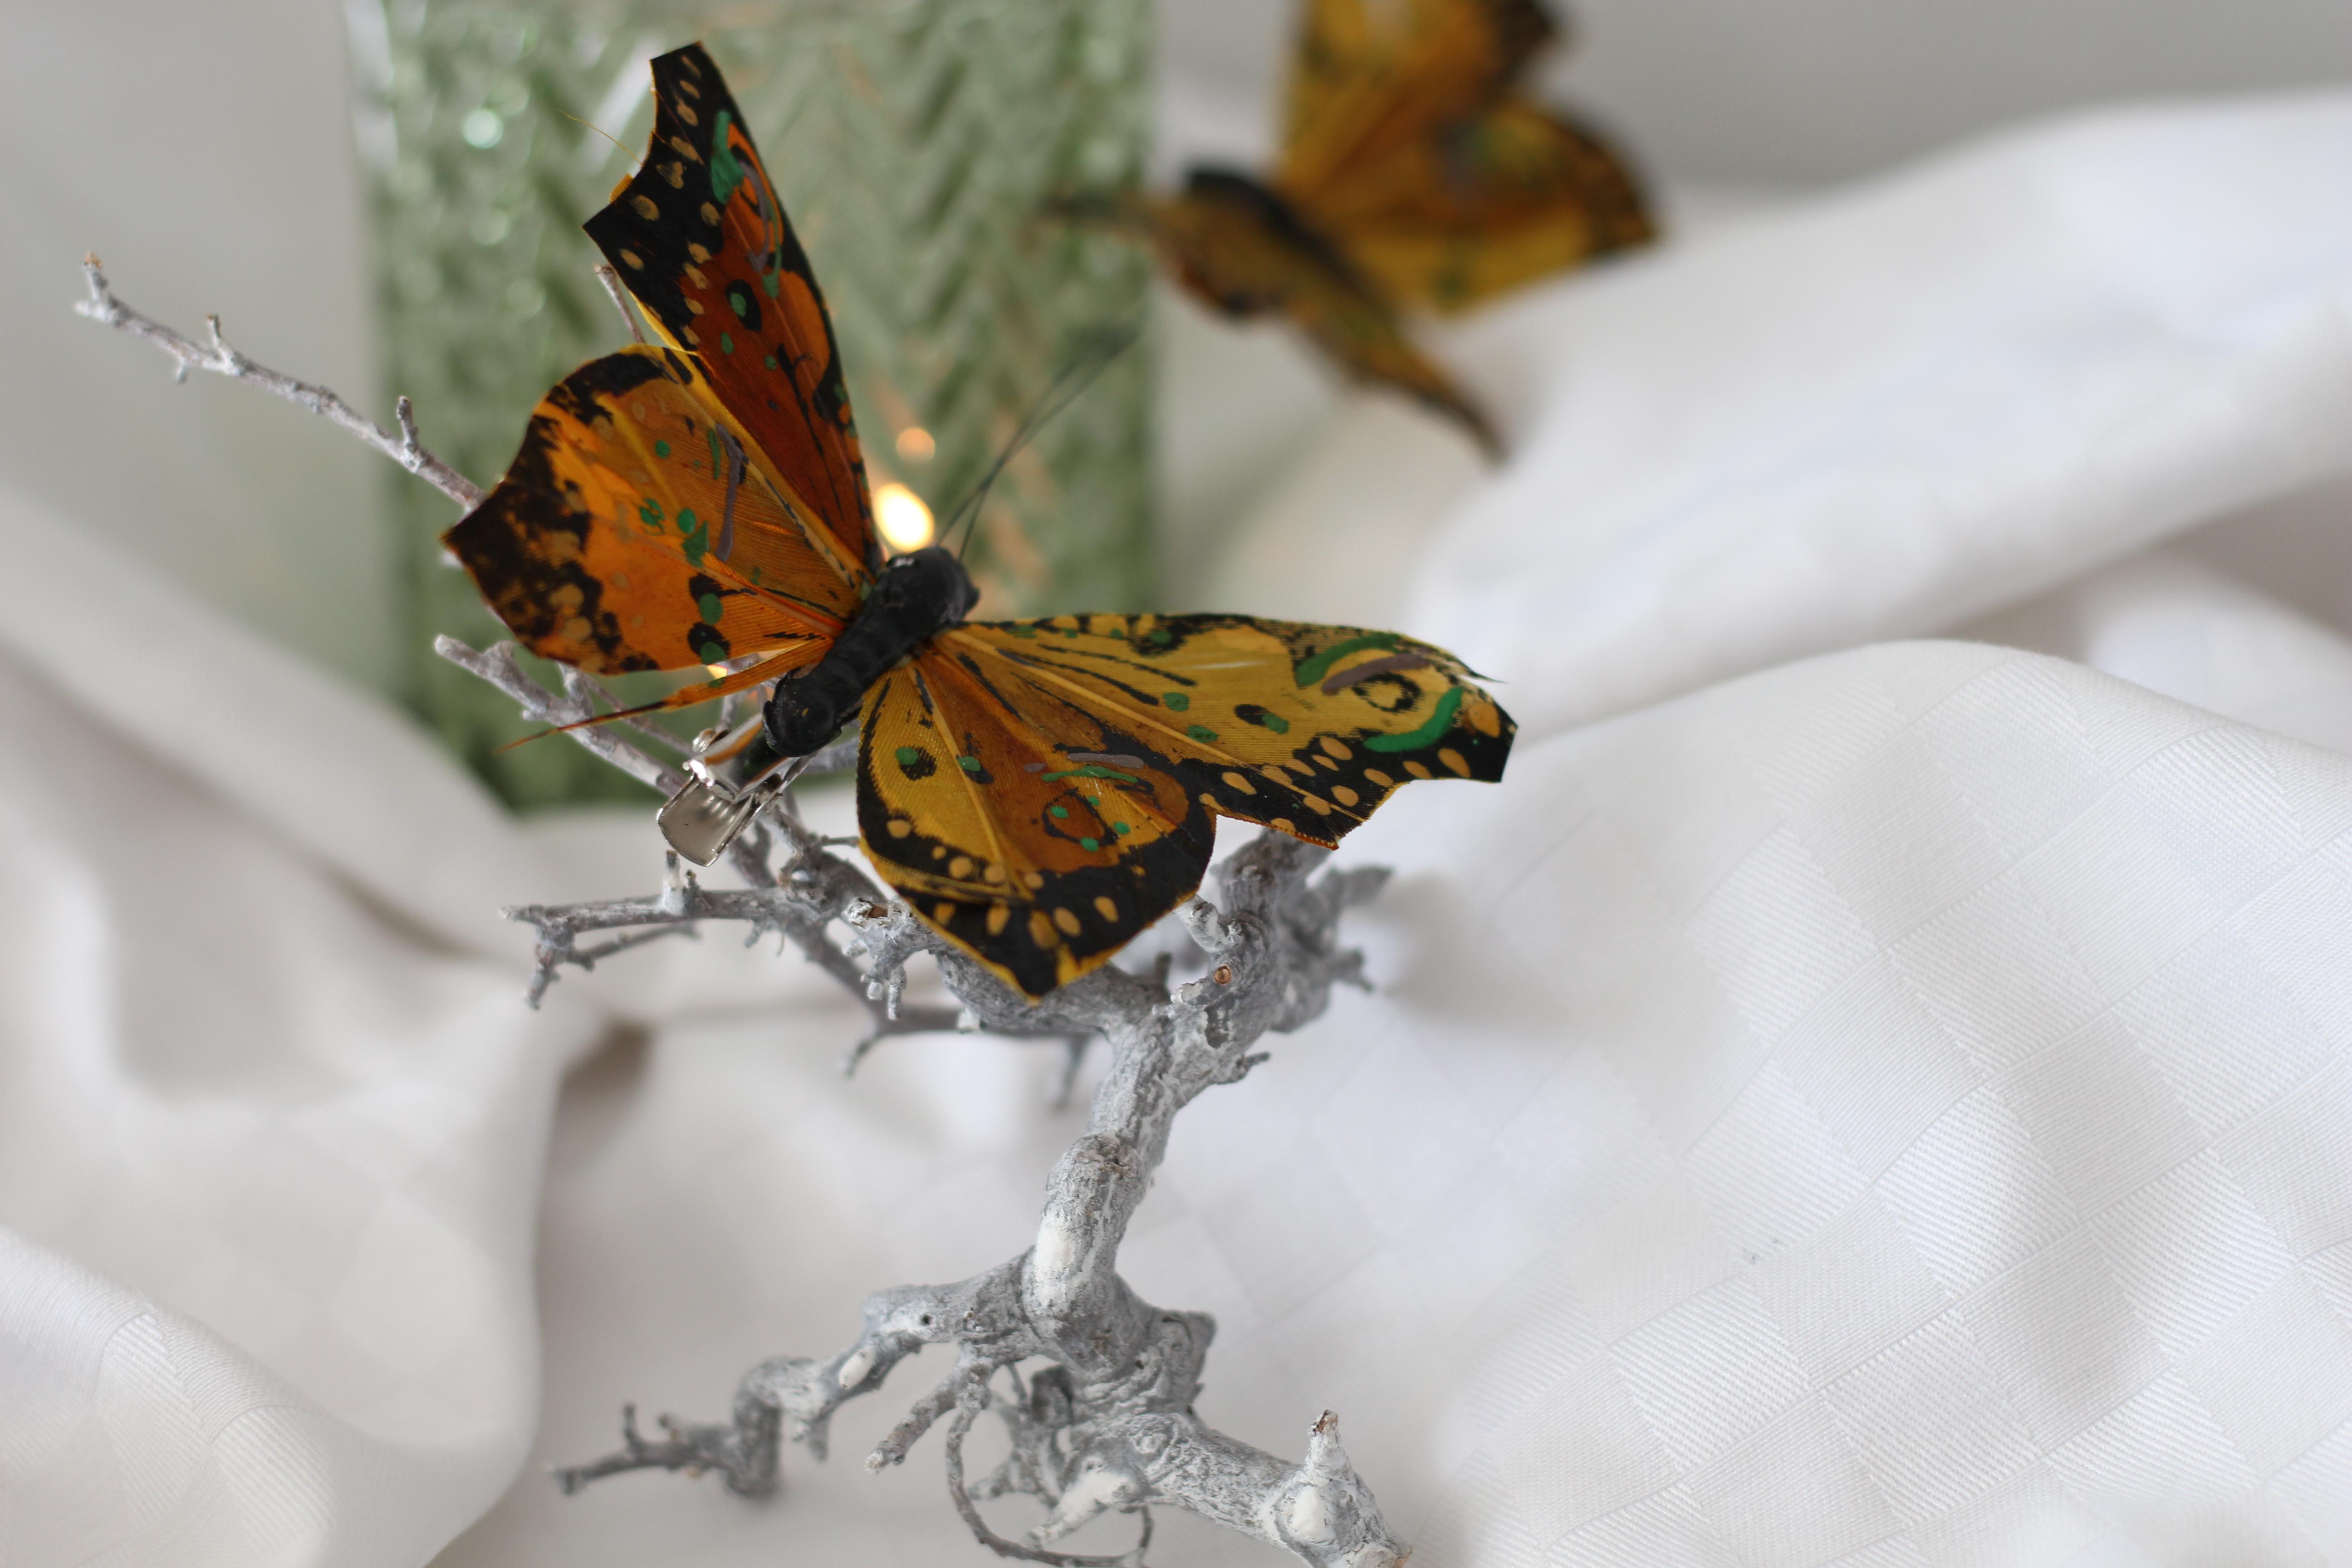 Gramhof Tischdeko Schmetterling Lindenblütensirup (3)